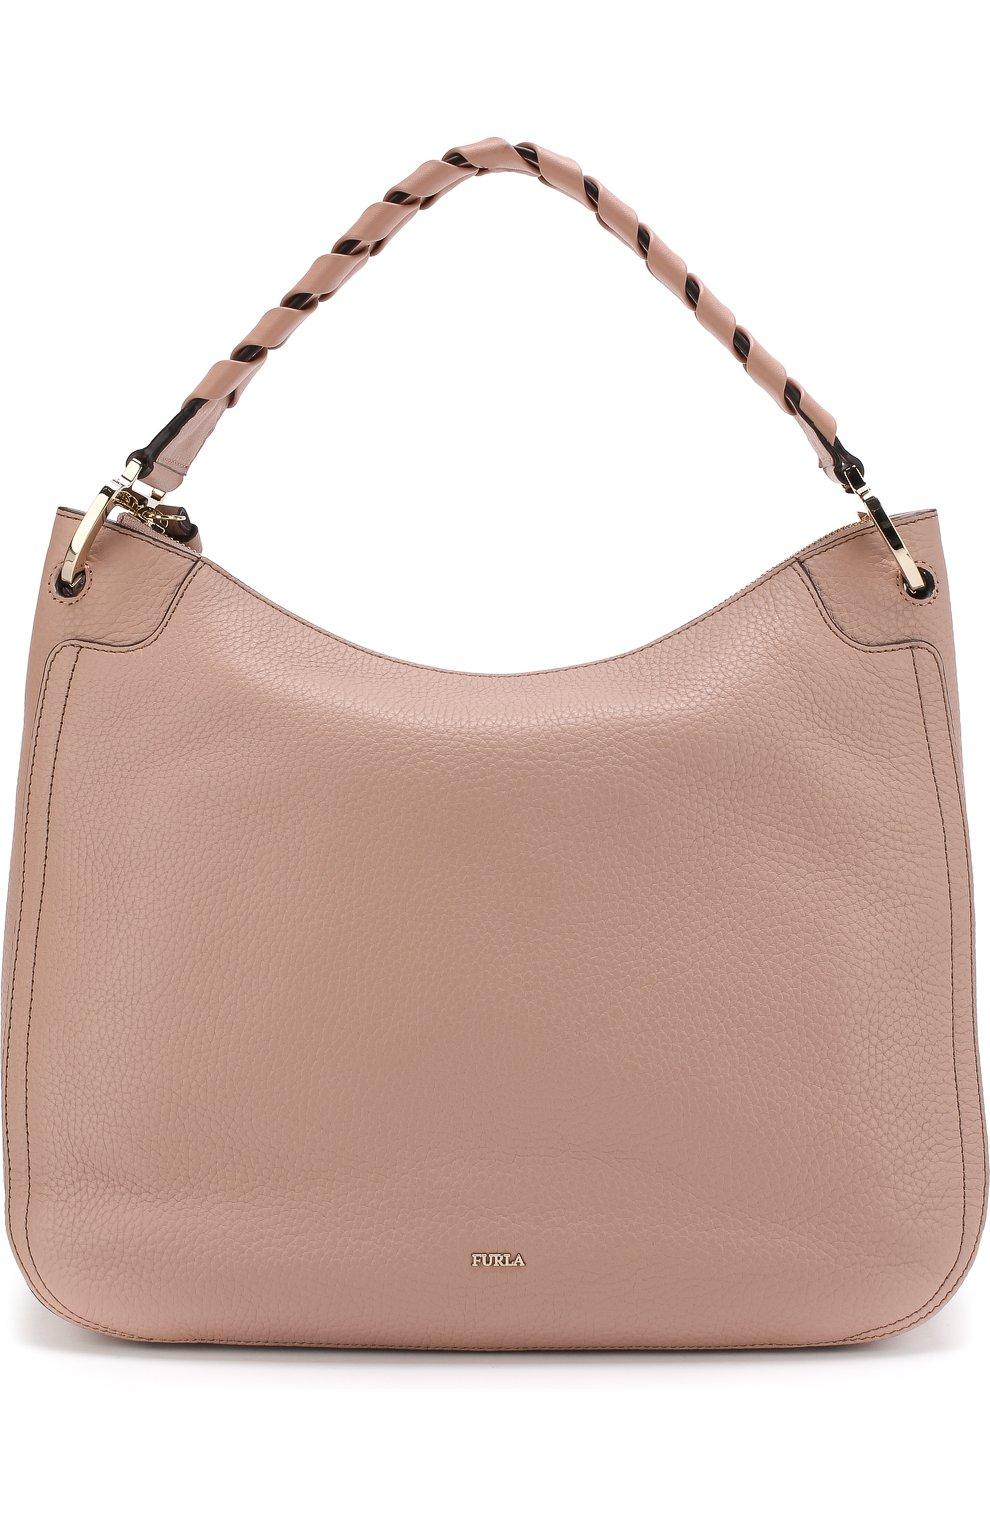 Женская сумка-тоут metropolis FURLA светло-розового цвета — купить ... 0f5cc0f7179